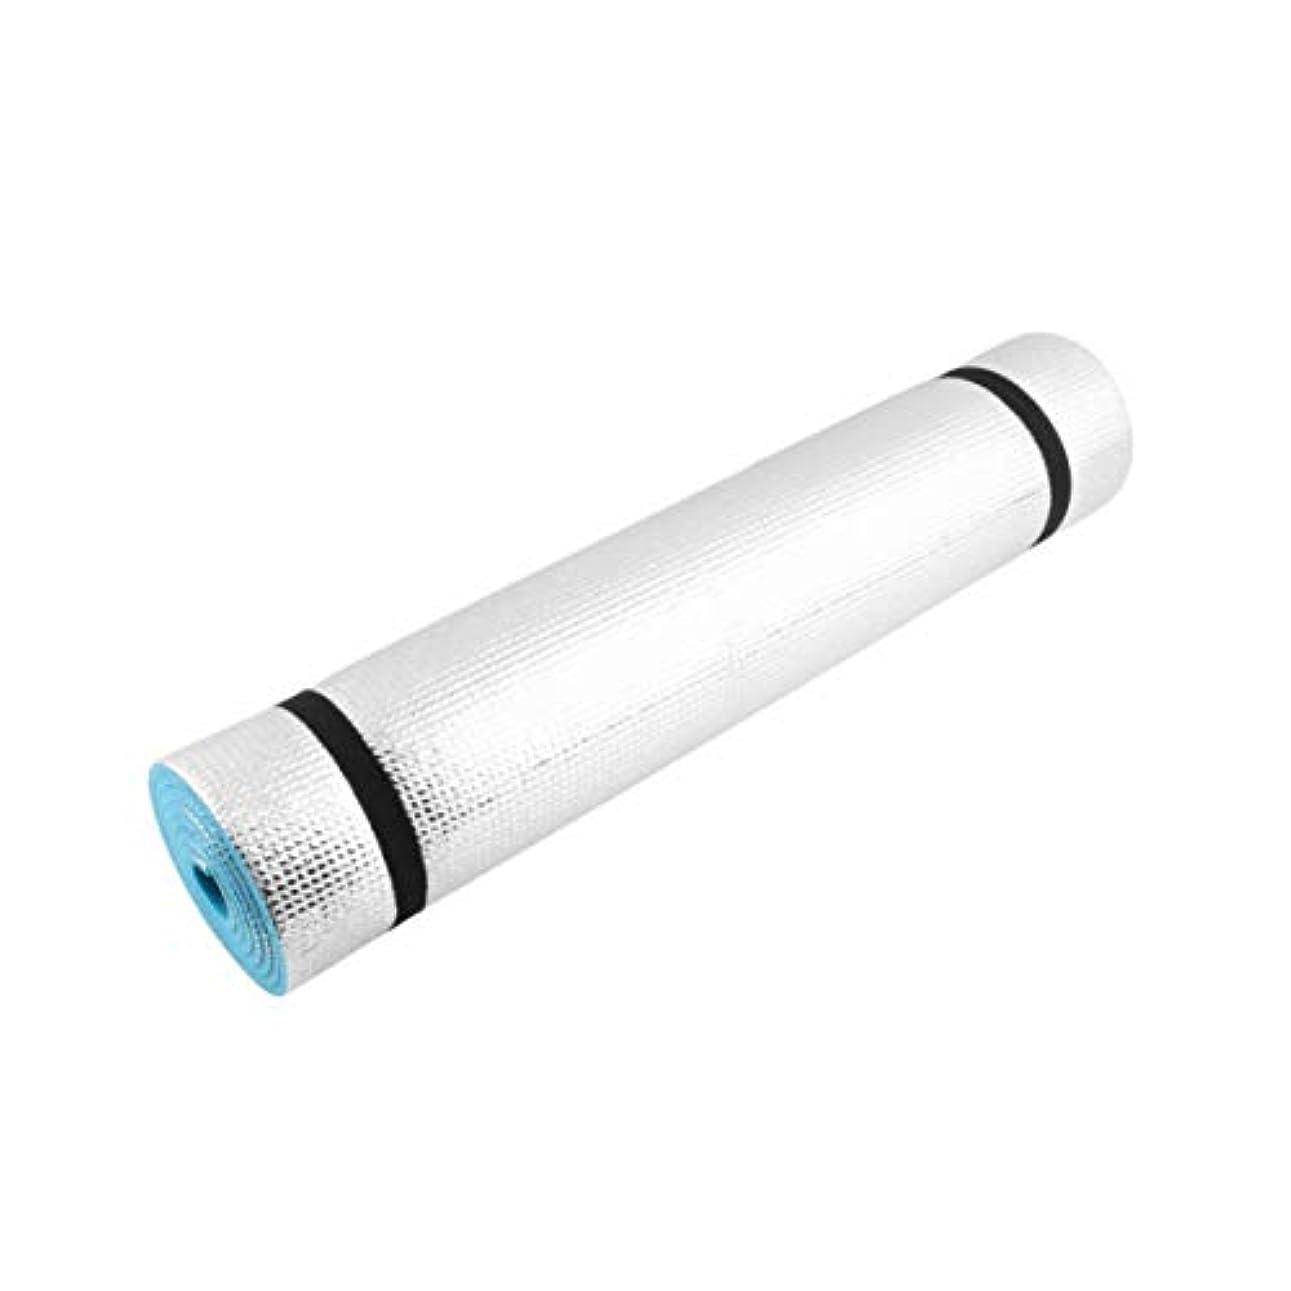 ブラストターゲットデマンド軽量180×60×0.6センチメートルマット洗える運動フィットネスパッド折りたたみフロアプレイクッションユニバーサルキャンプマット -